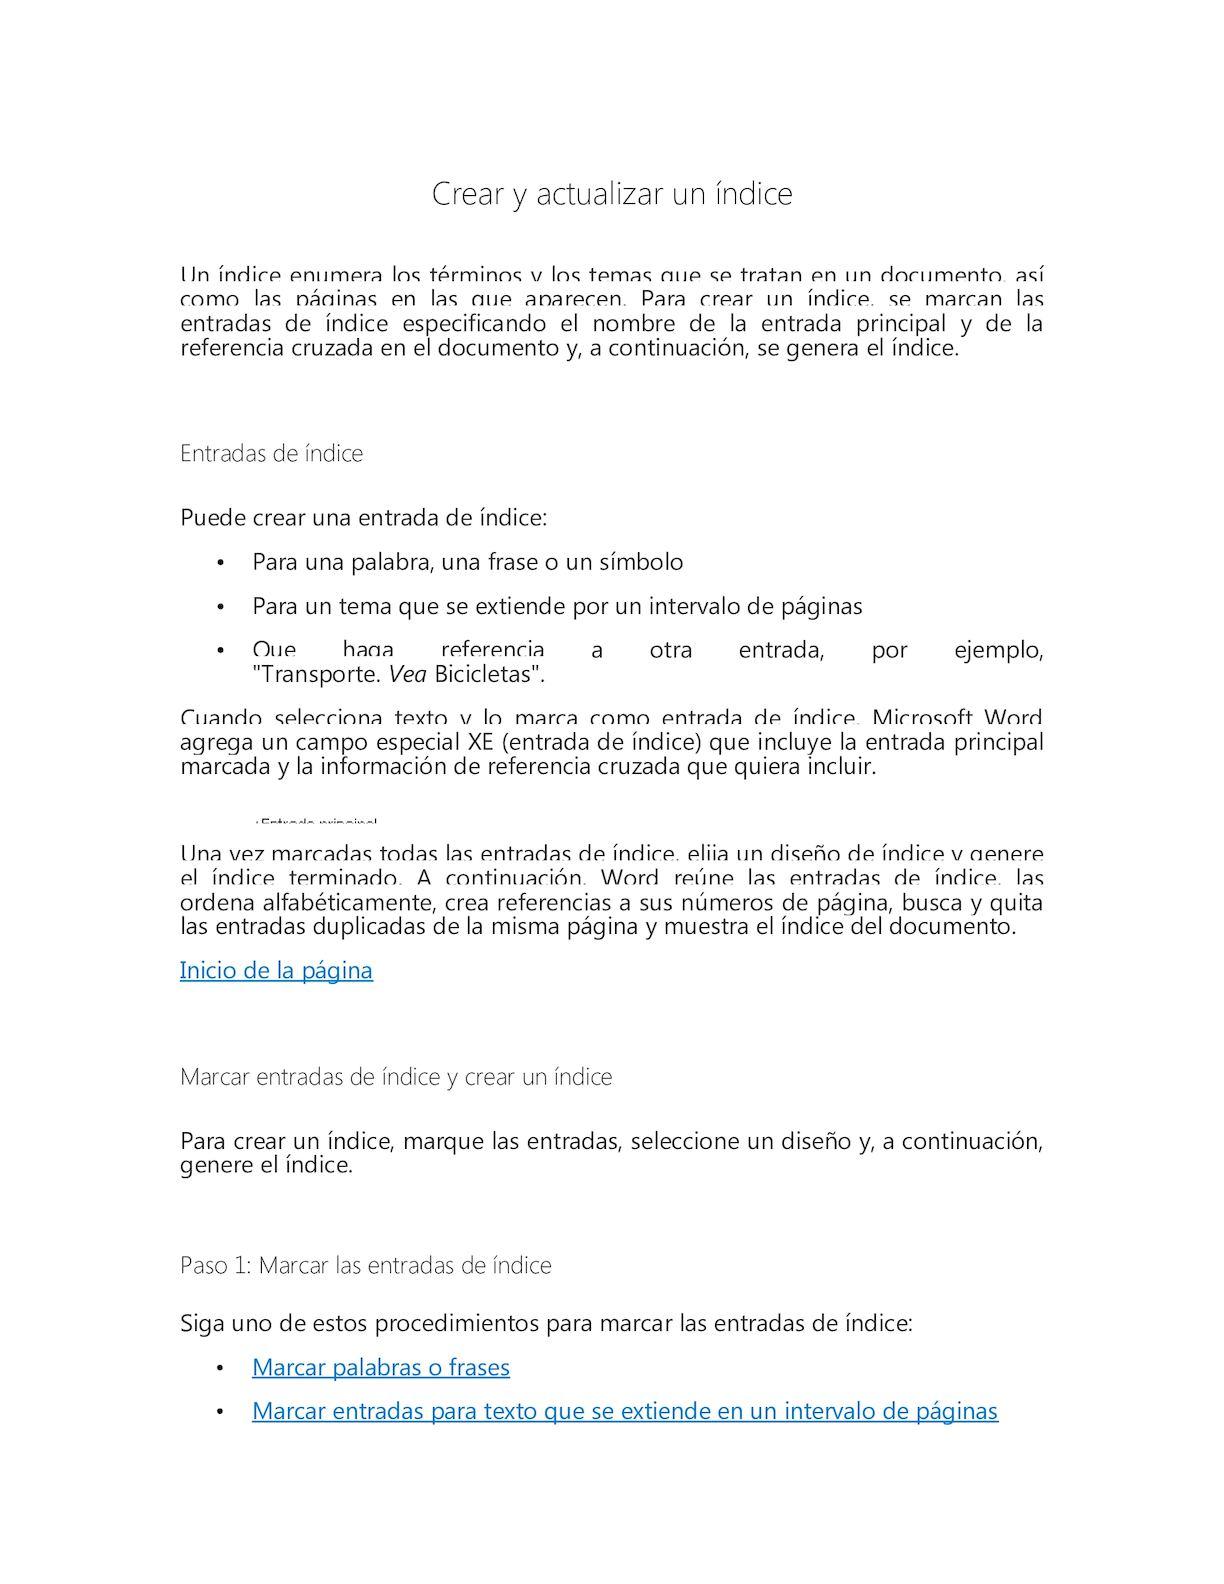 Calaméo - Crear Y Actualizar Un íNdice